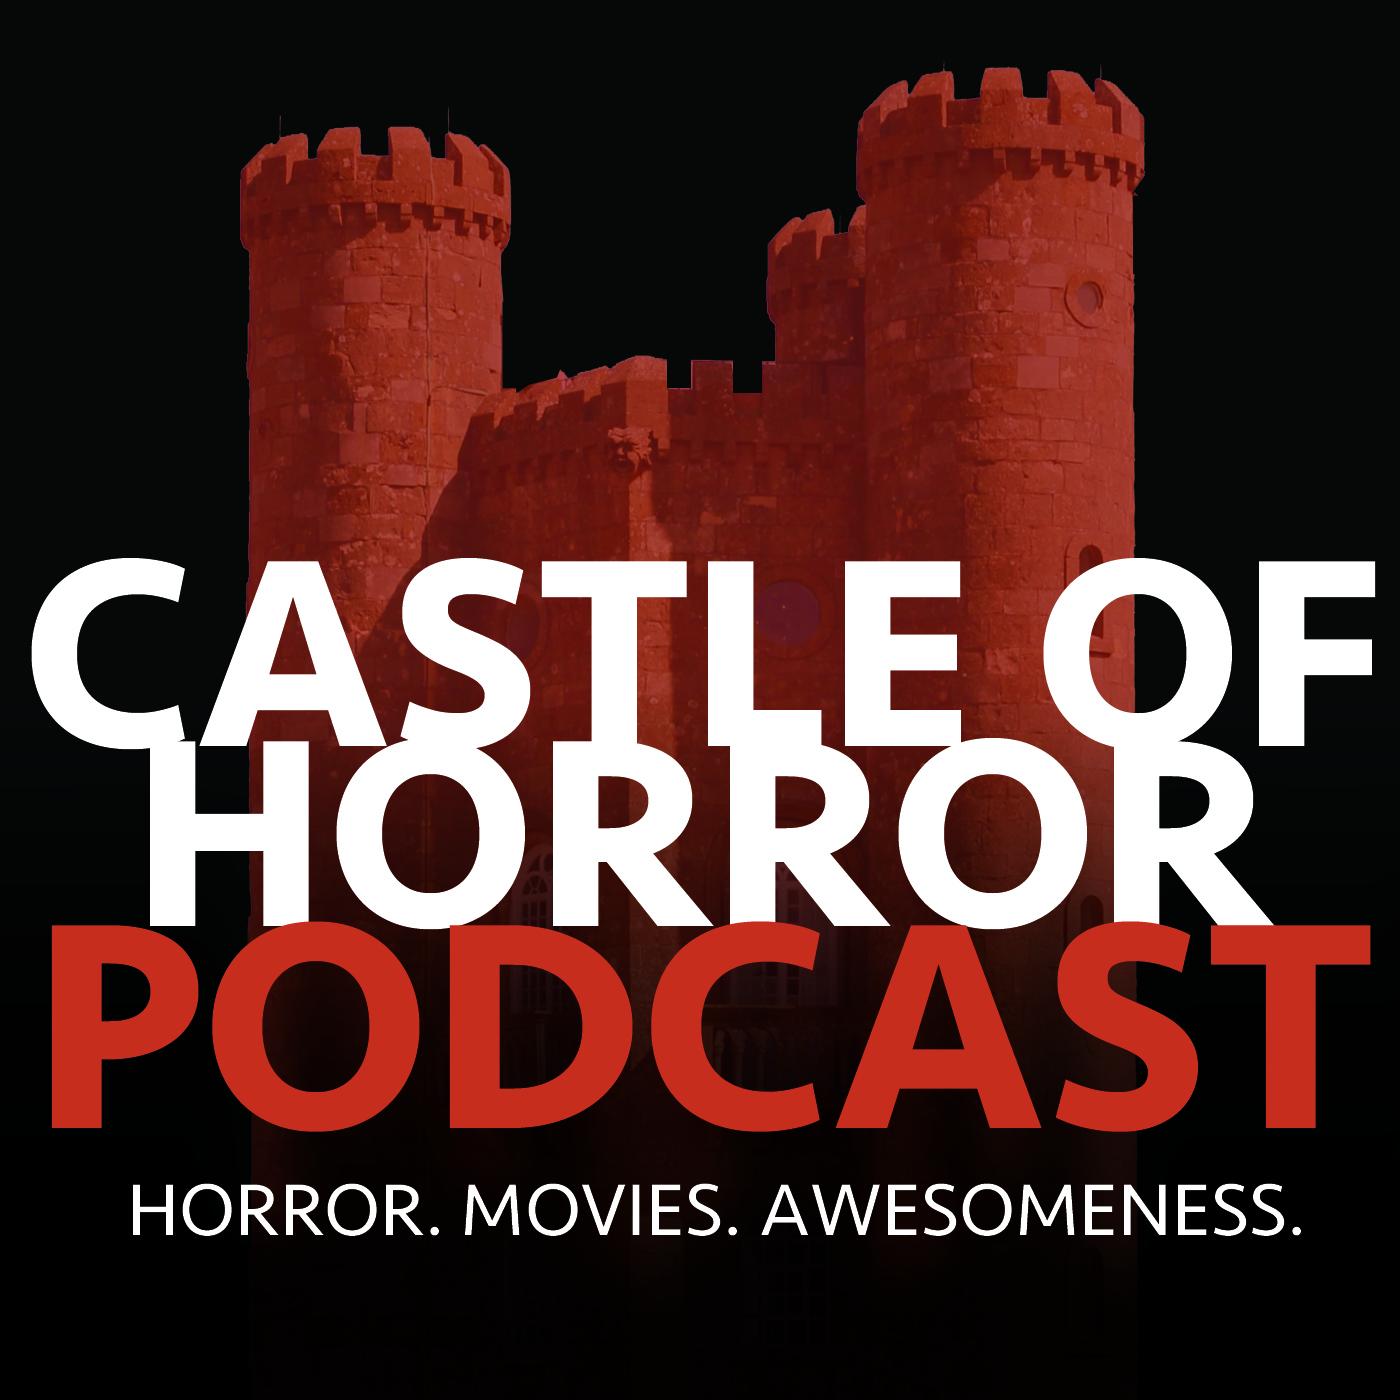 Castle of Horror Podcast Logo